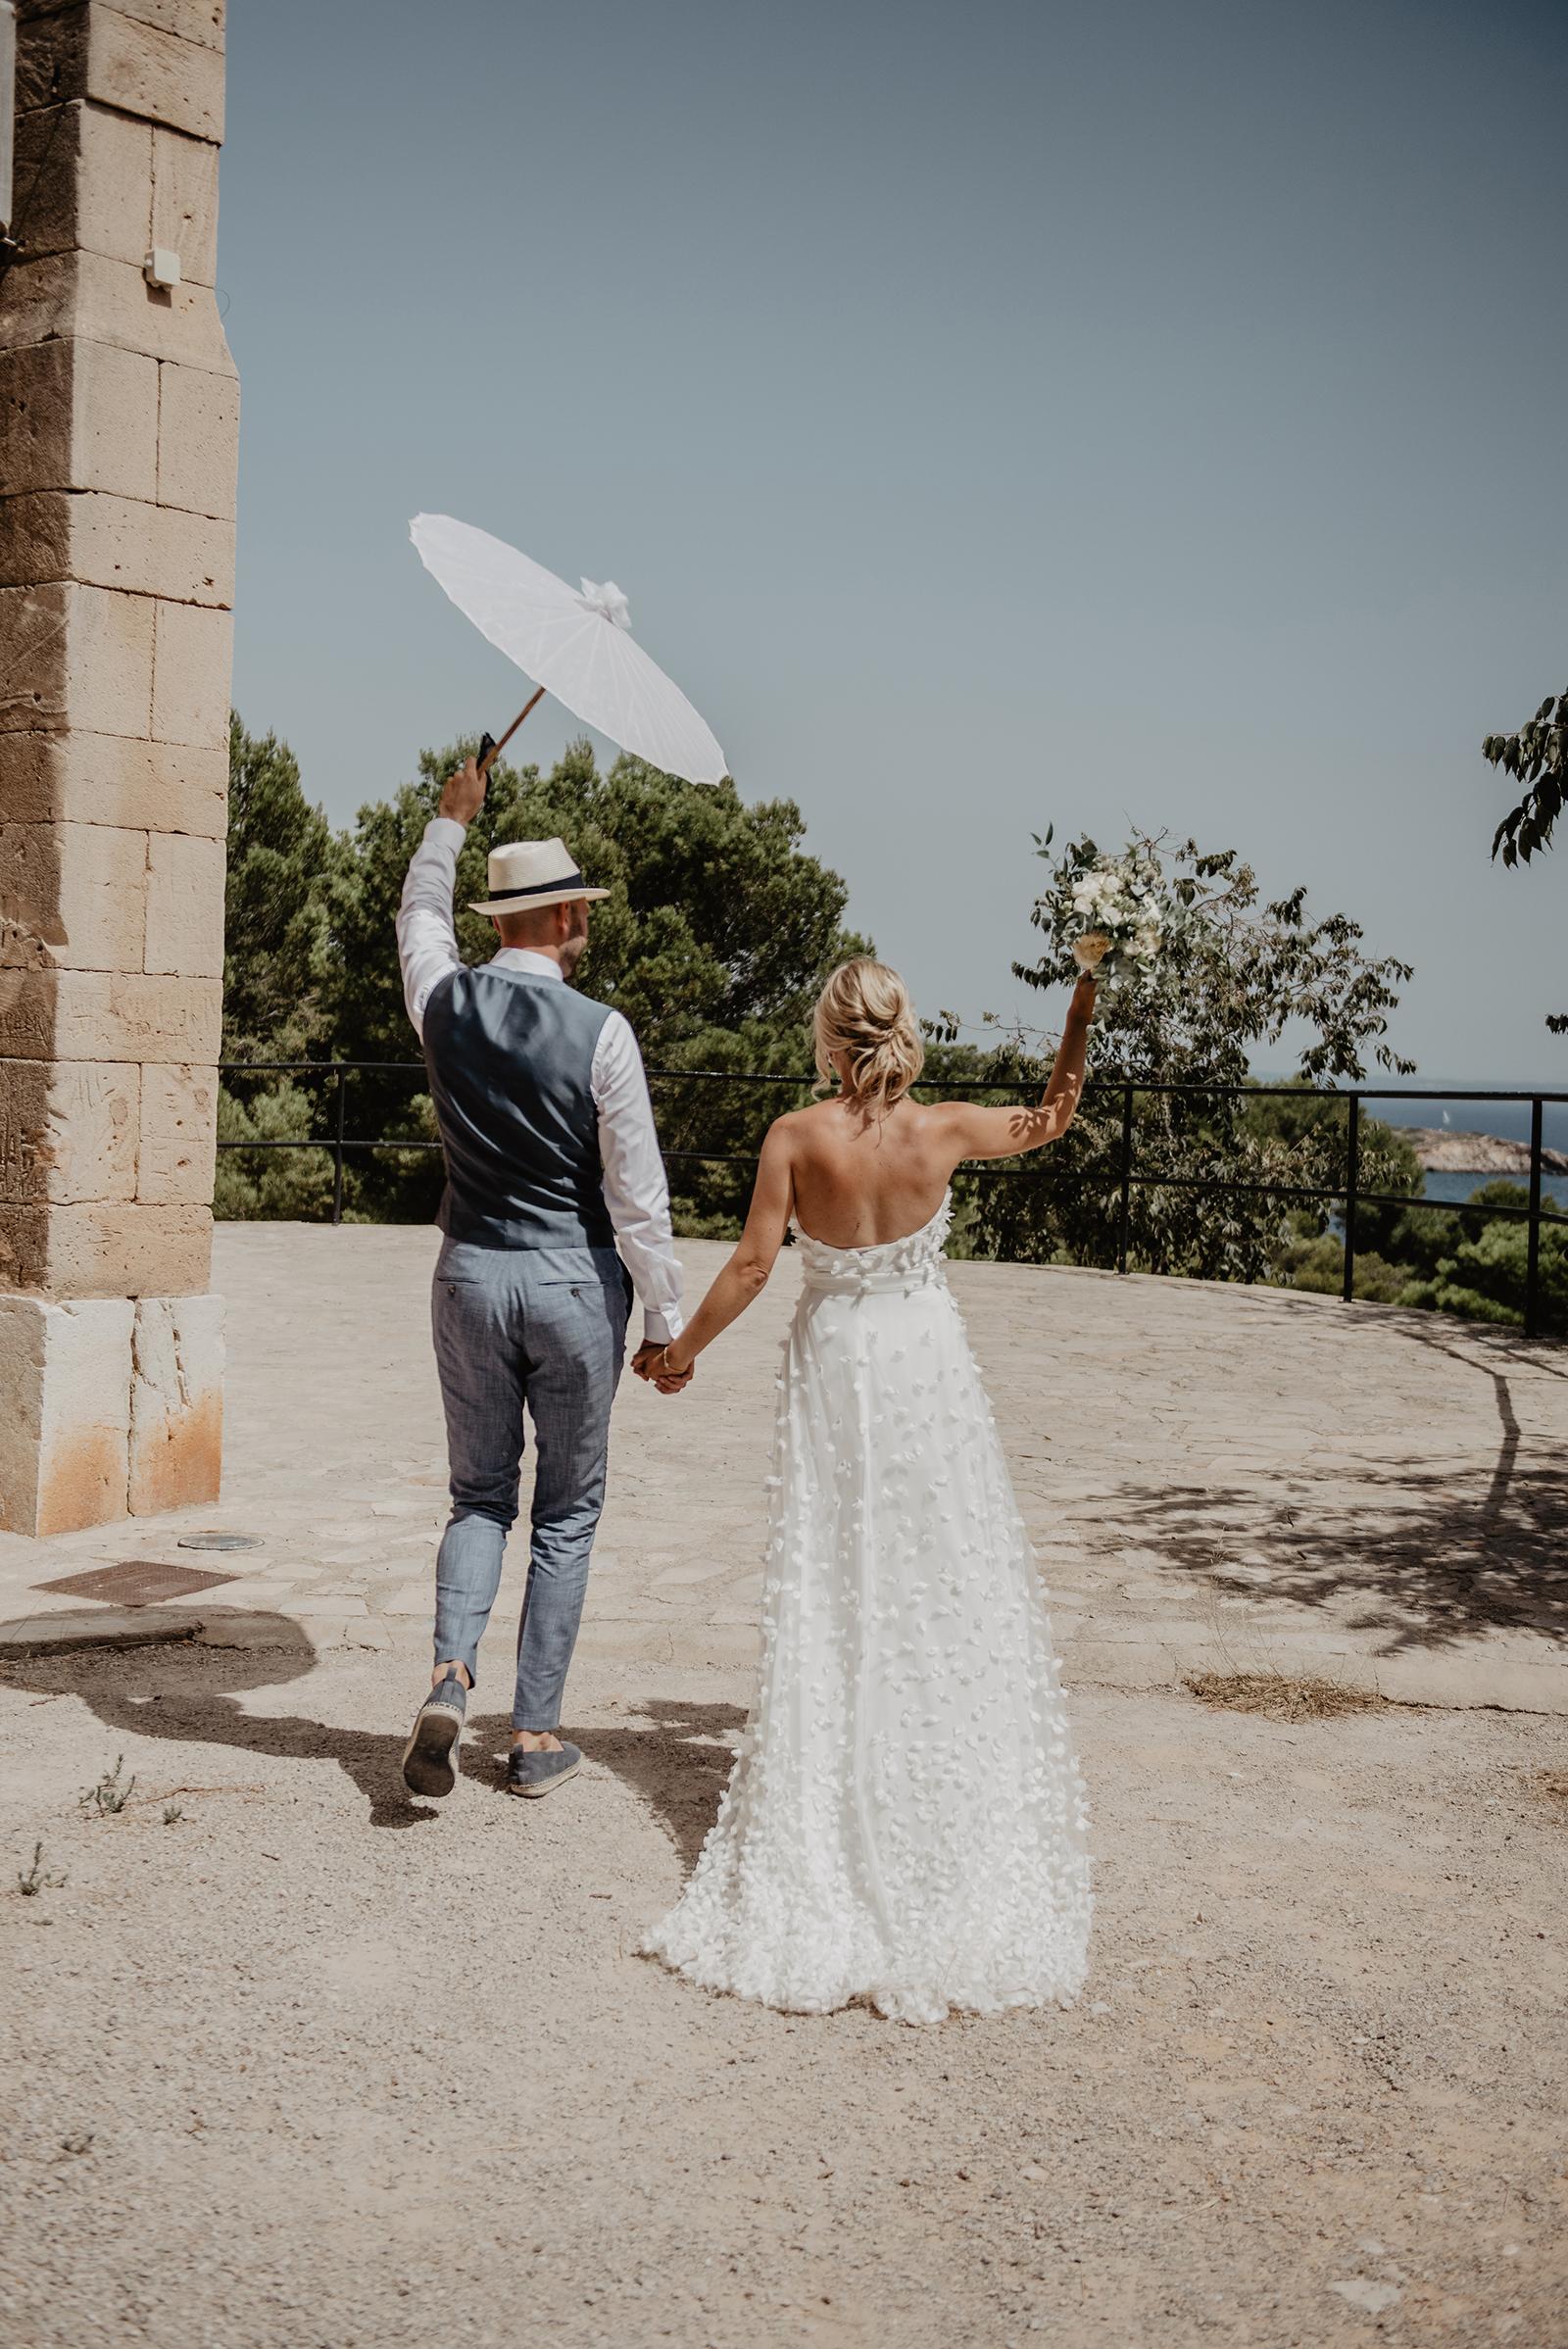 Traumhochzeit von C & M auf Mallorca